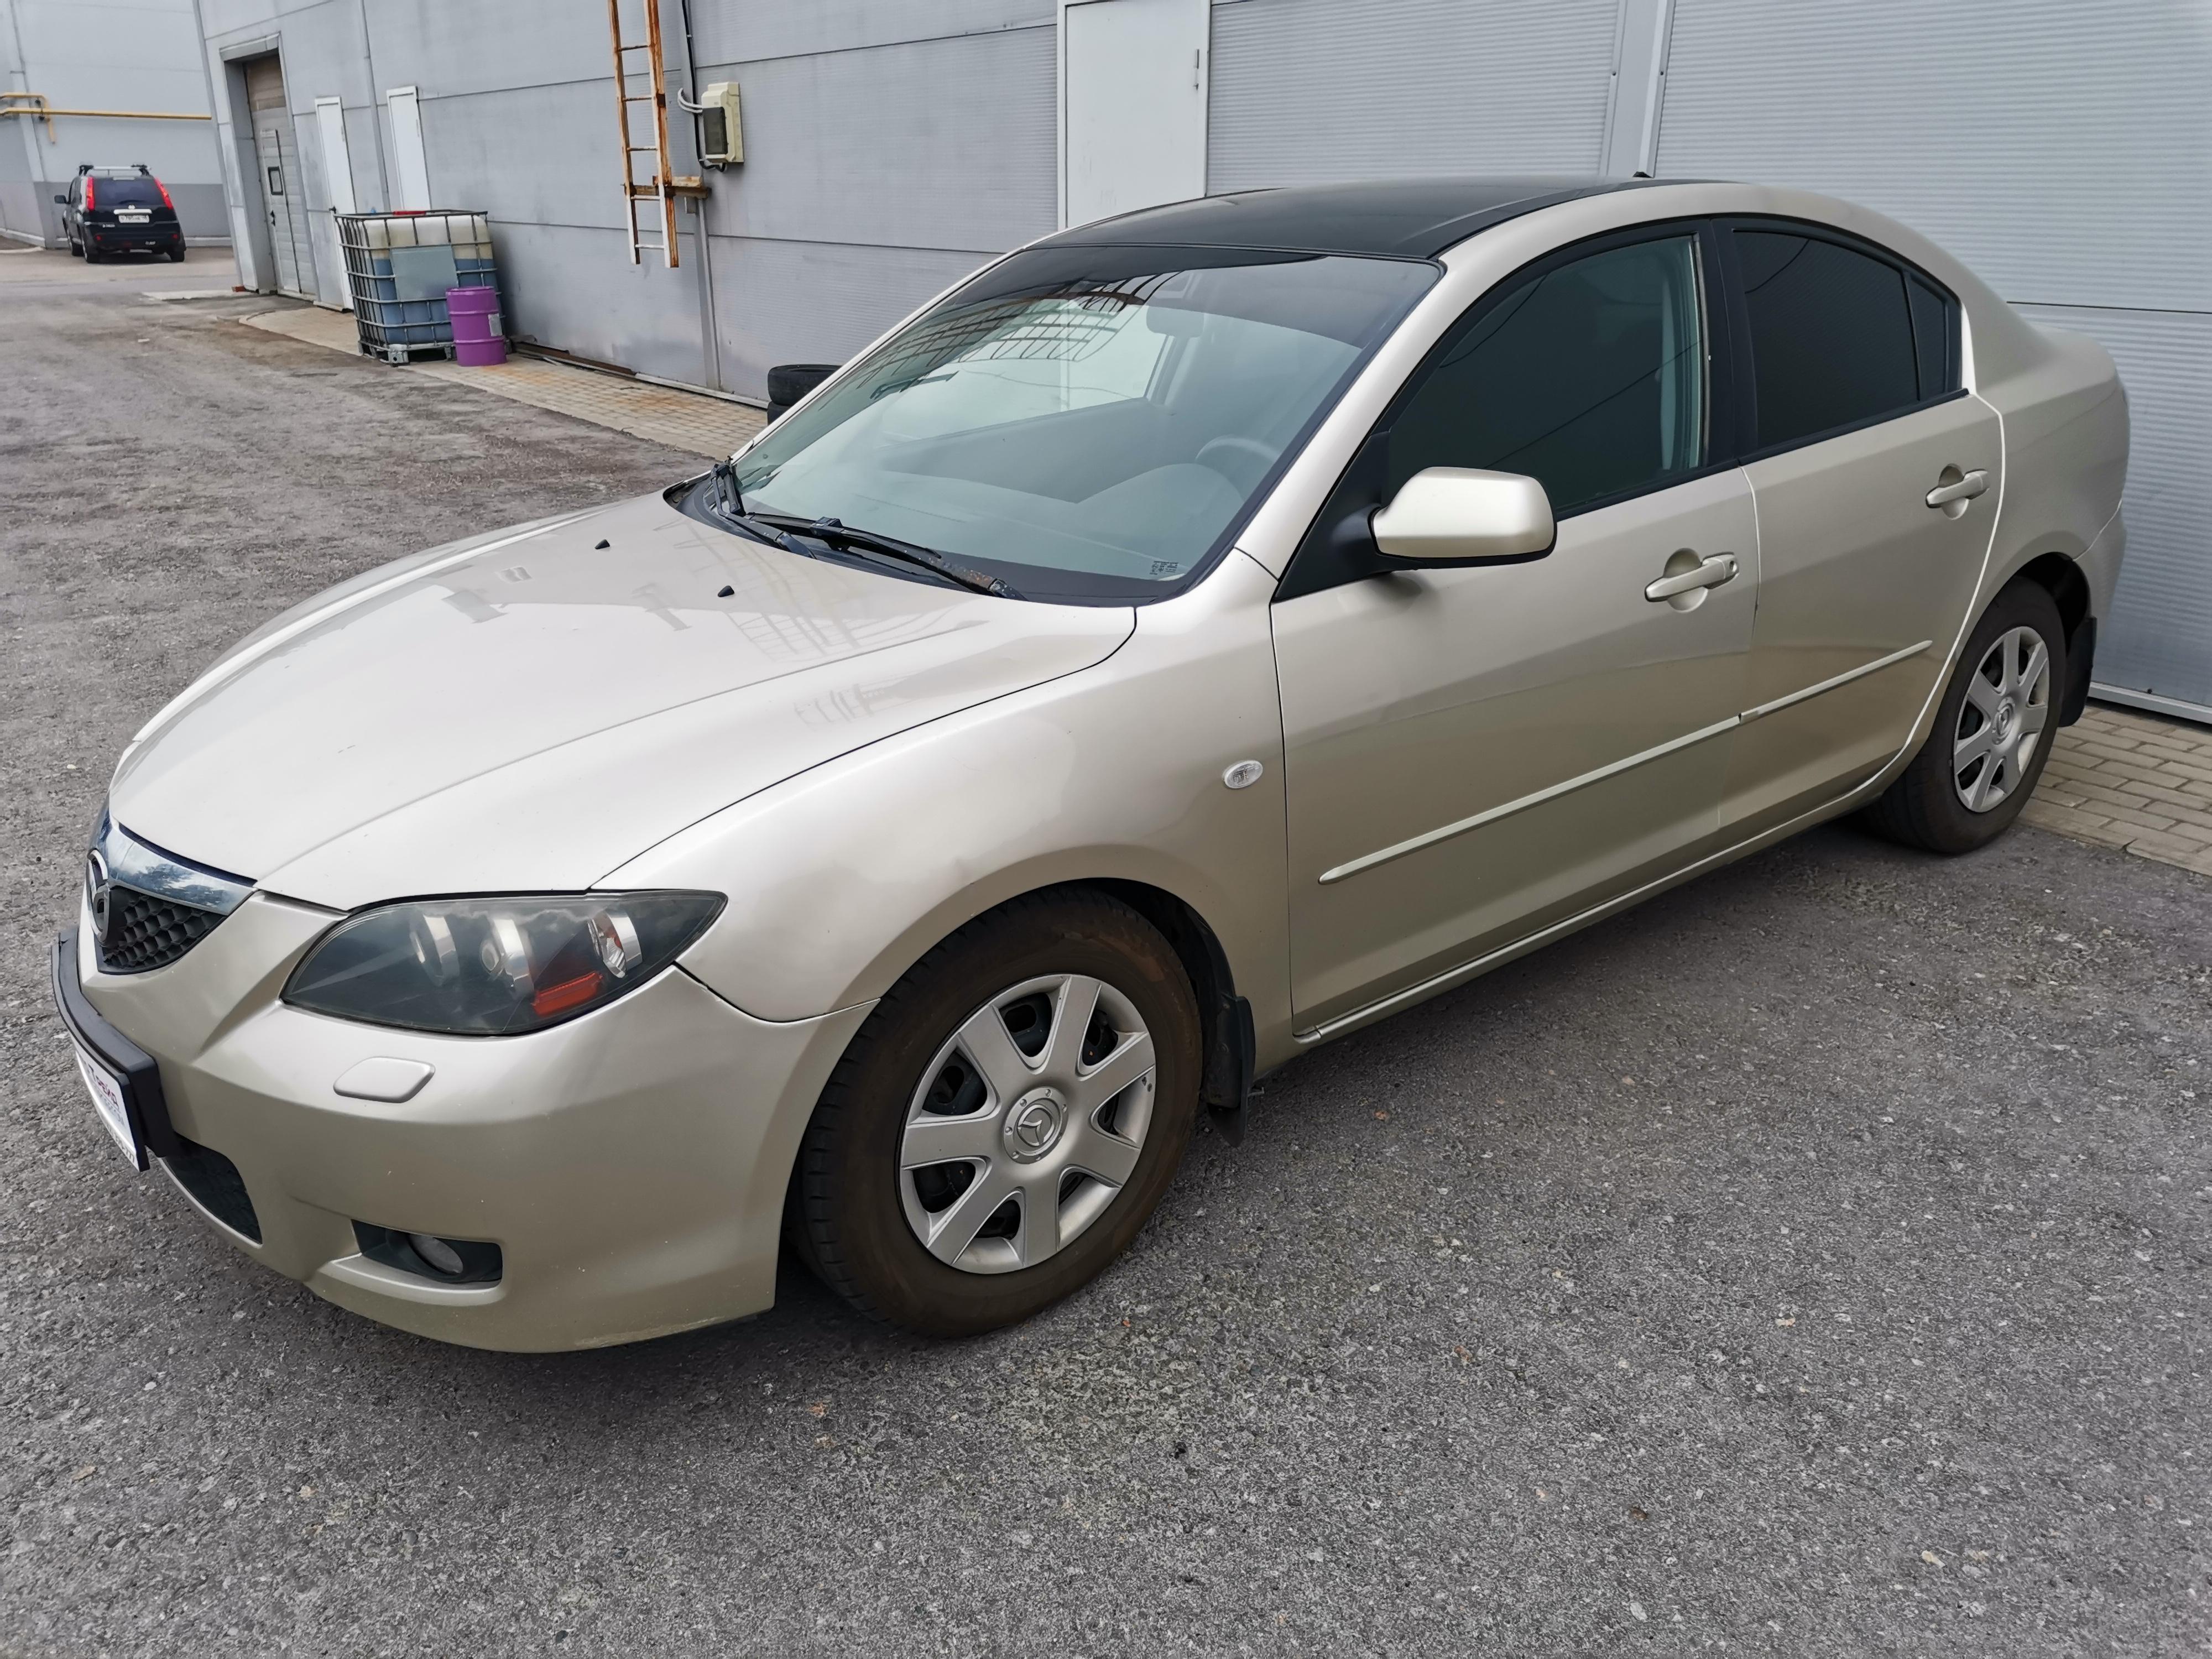 Mazda 3 Седан (2007г.)